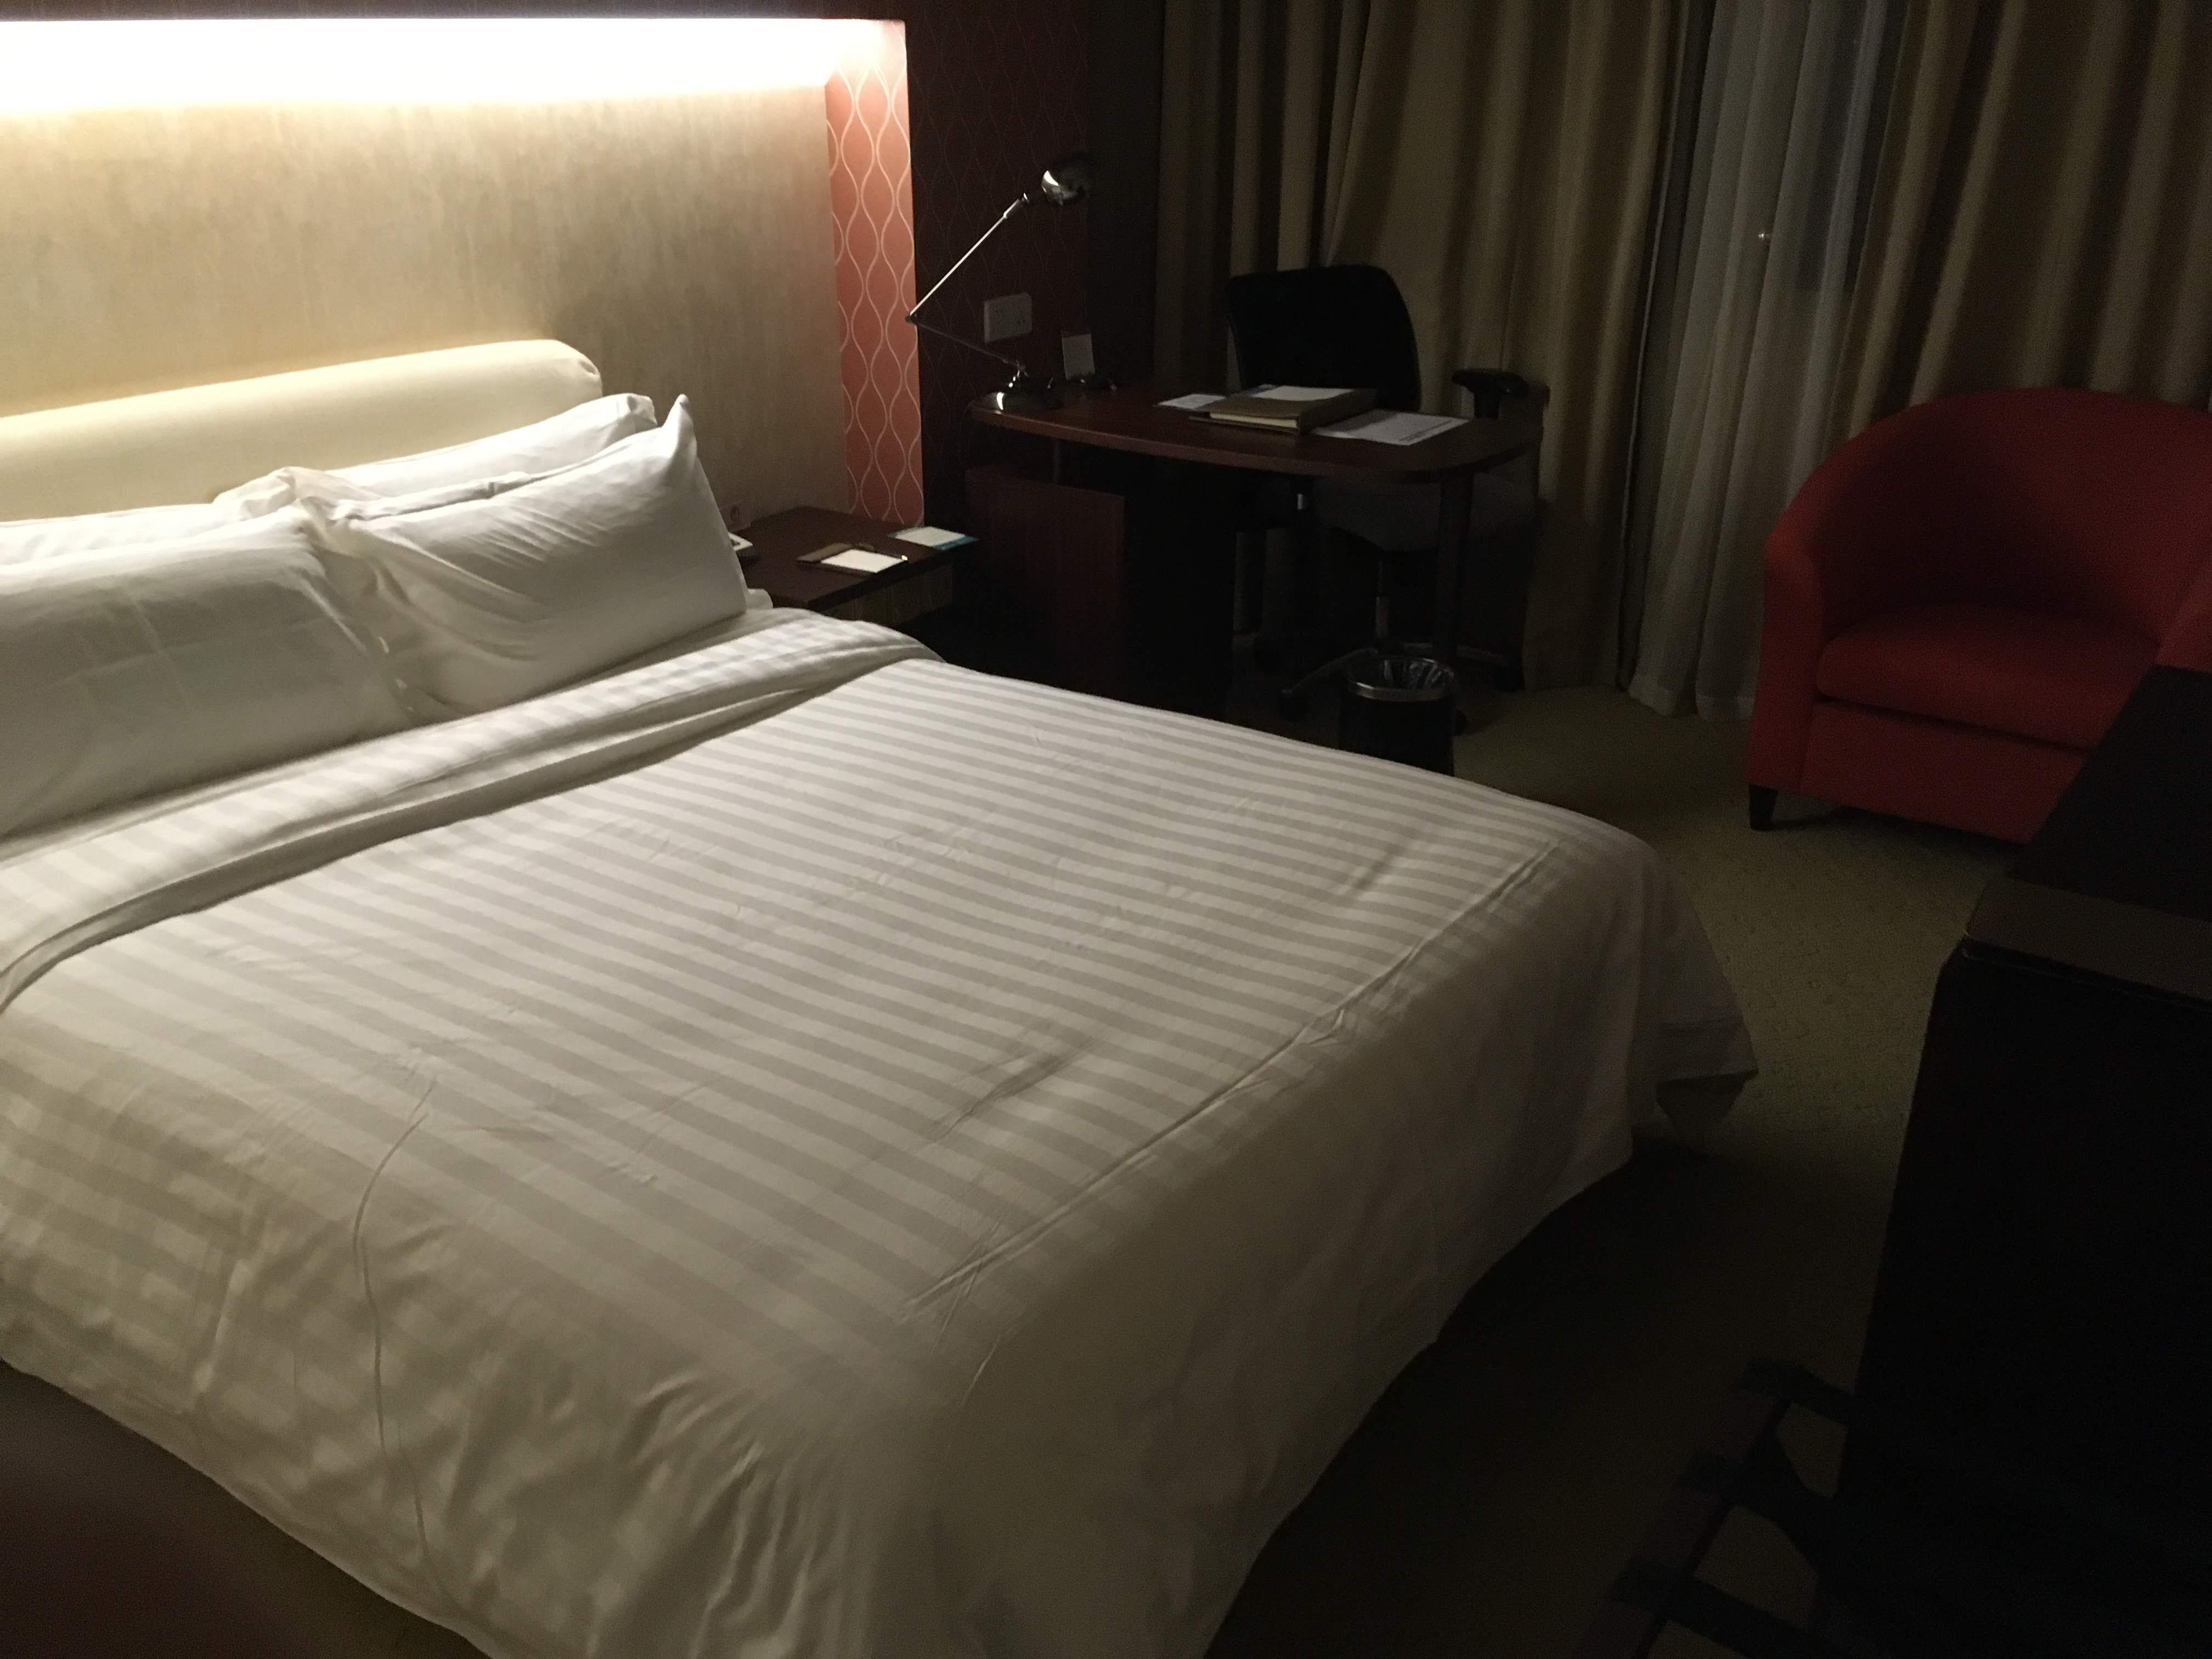 グーベイガーデンホテル(古北湾大酒店, Gubei Garden Hotel)